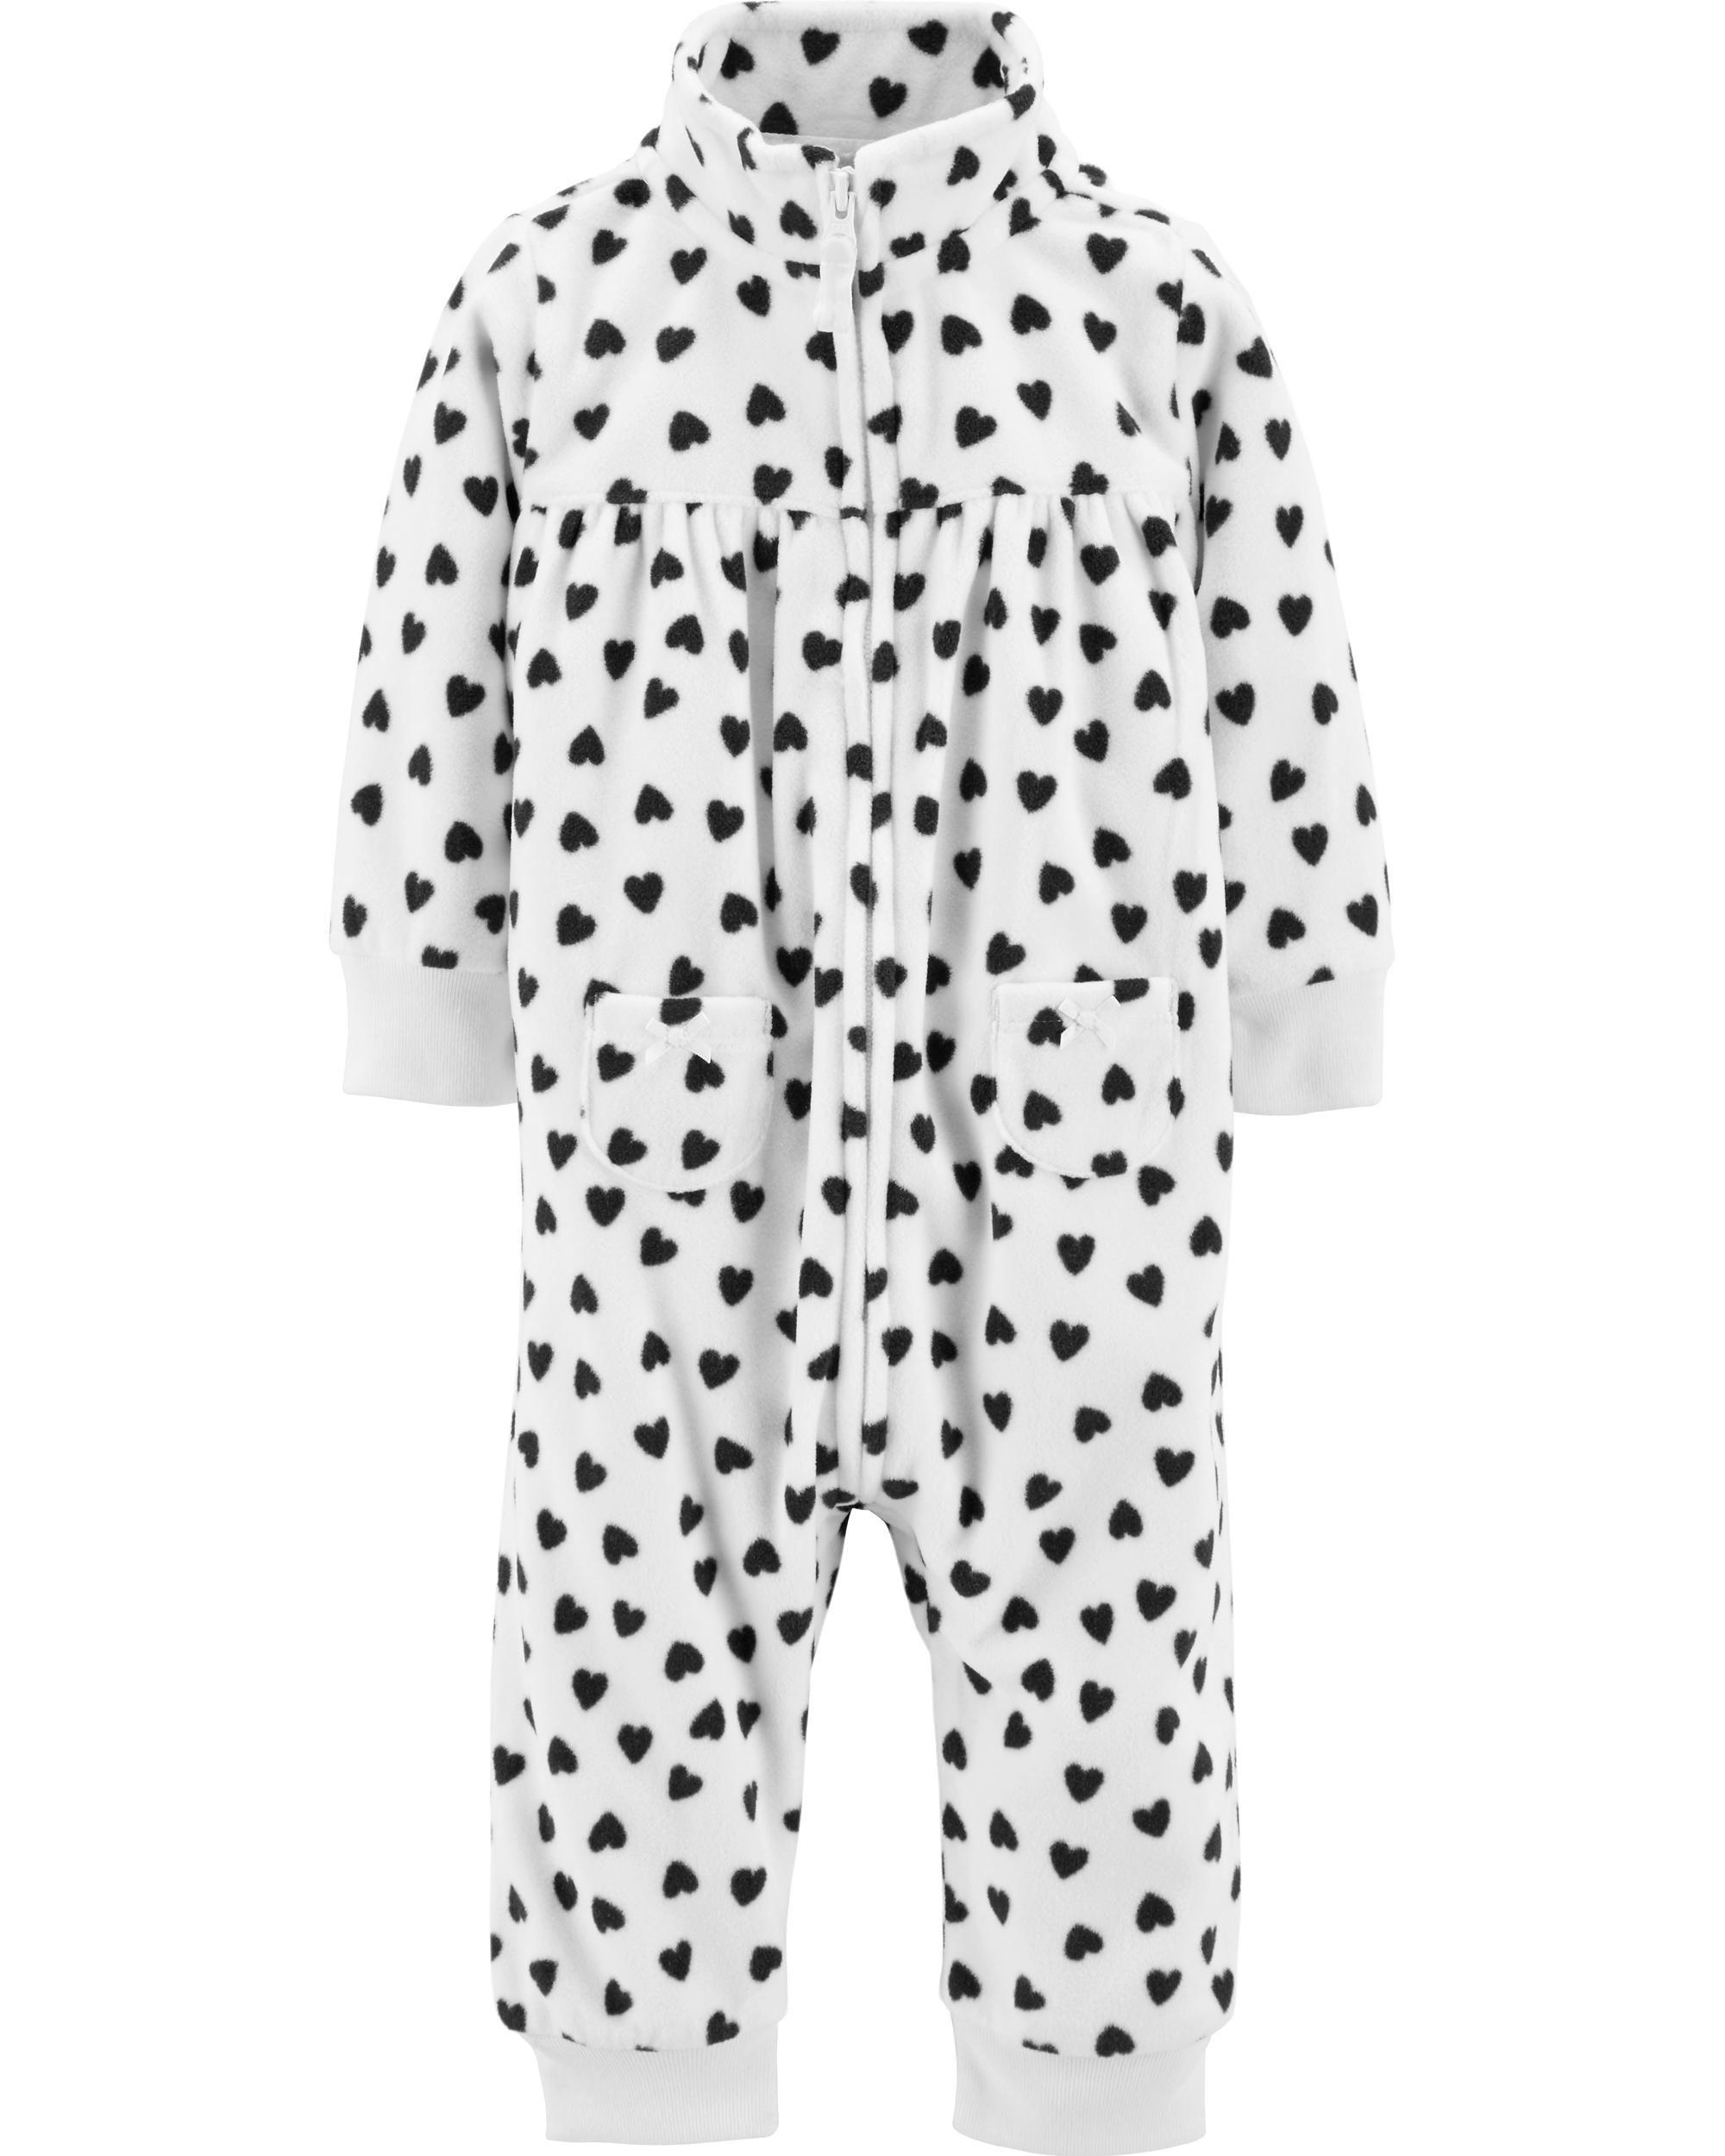 f26965b1a9a7 Heart Fleece Jumpsuit